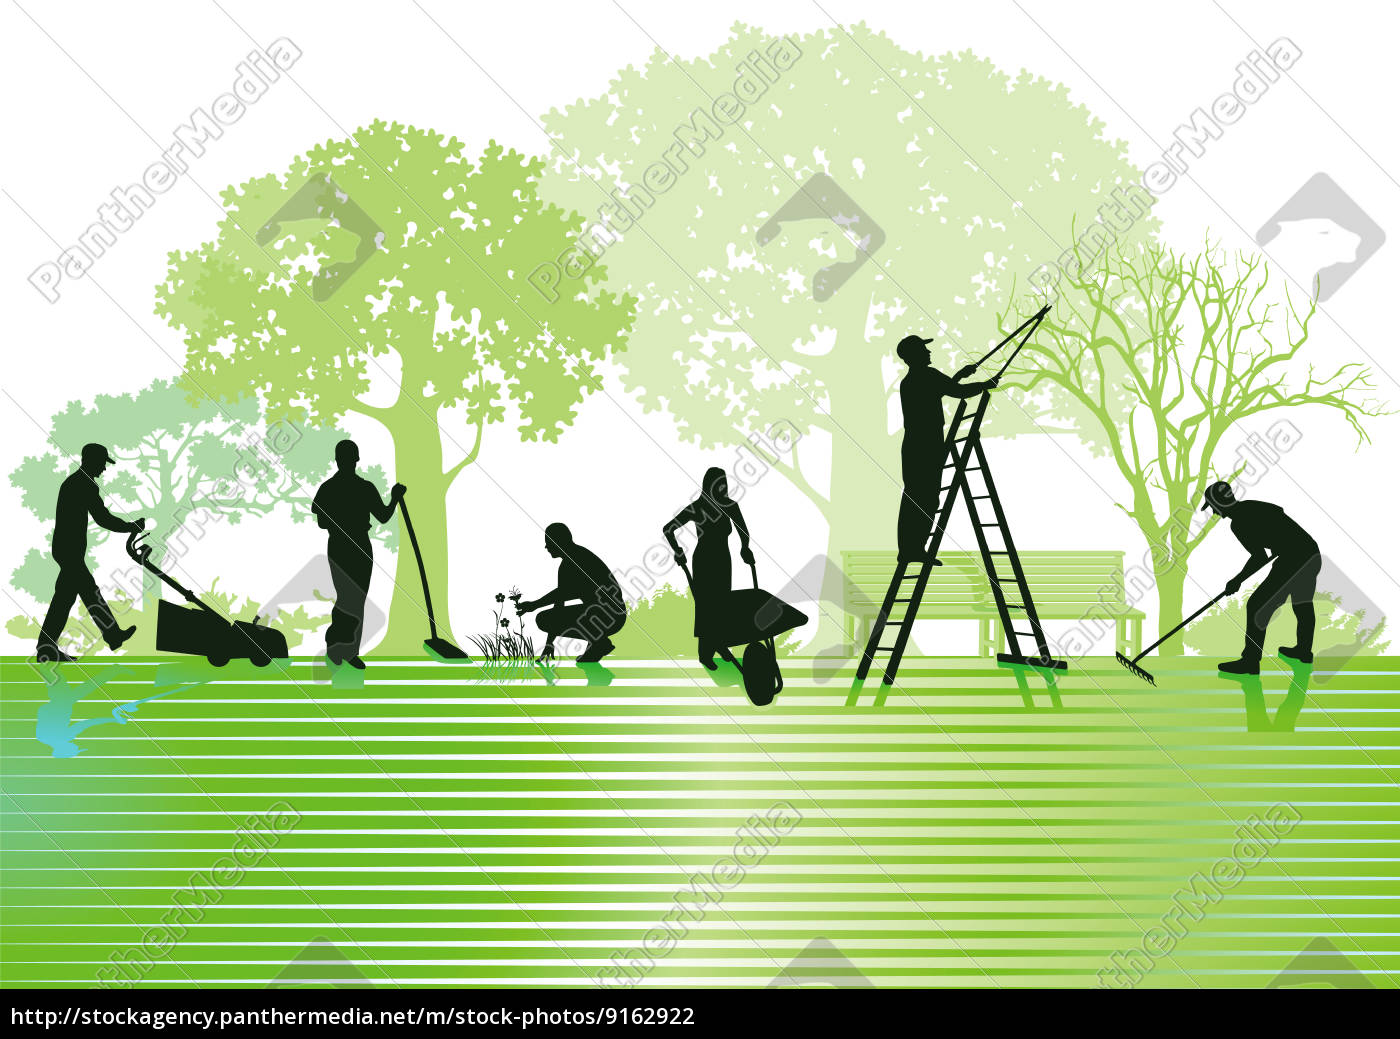 Berühmt Gartenarbeiten und Gartenpflege - Stock Photo - #9162922 &WE_98